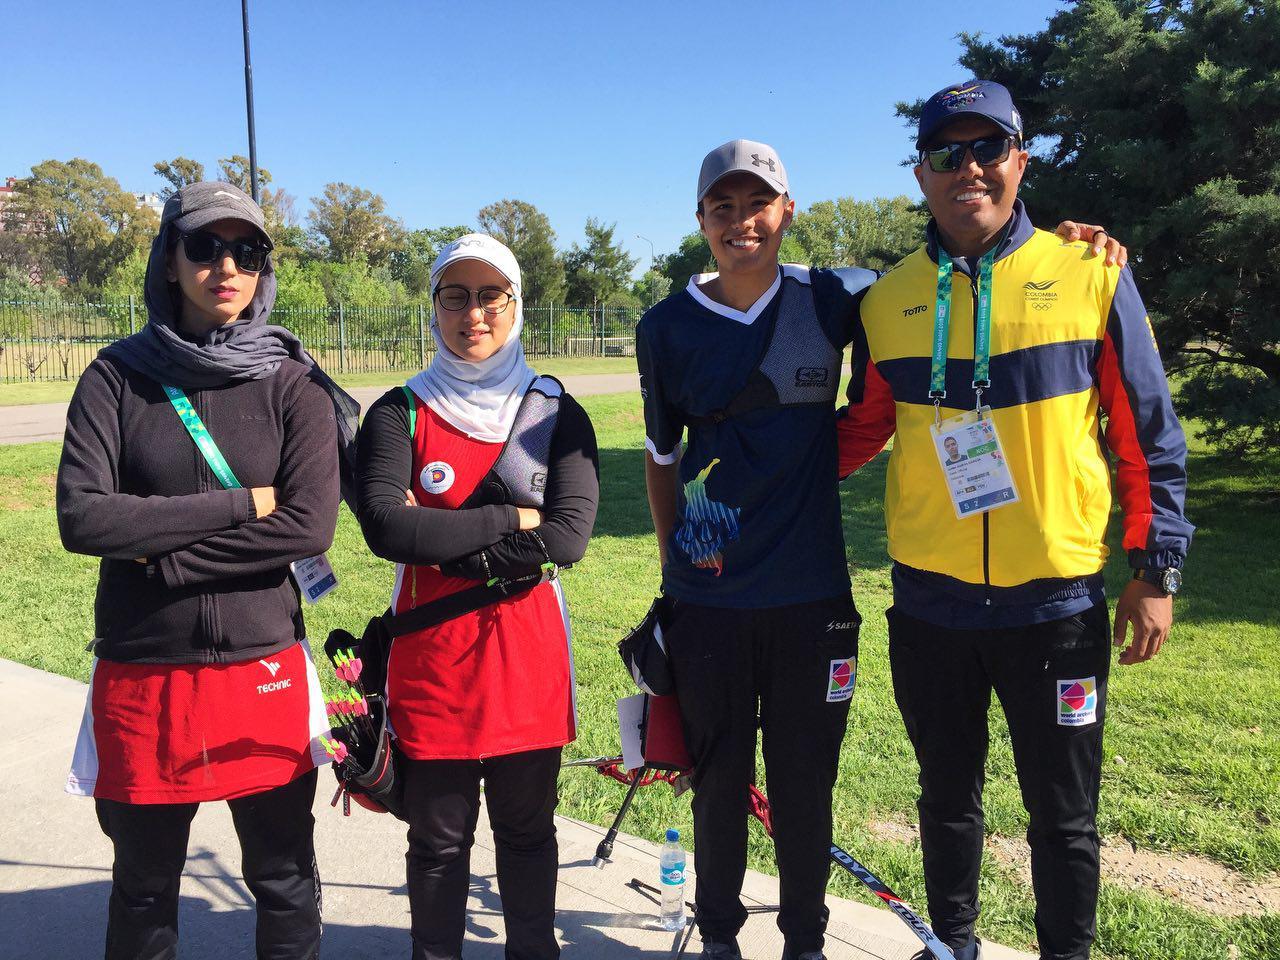 ویدئو نظرات سوگند رحمانی پس از مسابقات میکس تیر و کمان المپیک جوانان